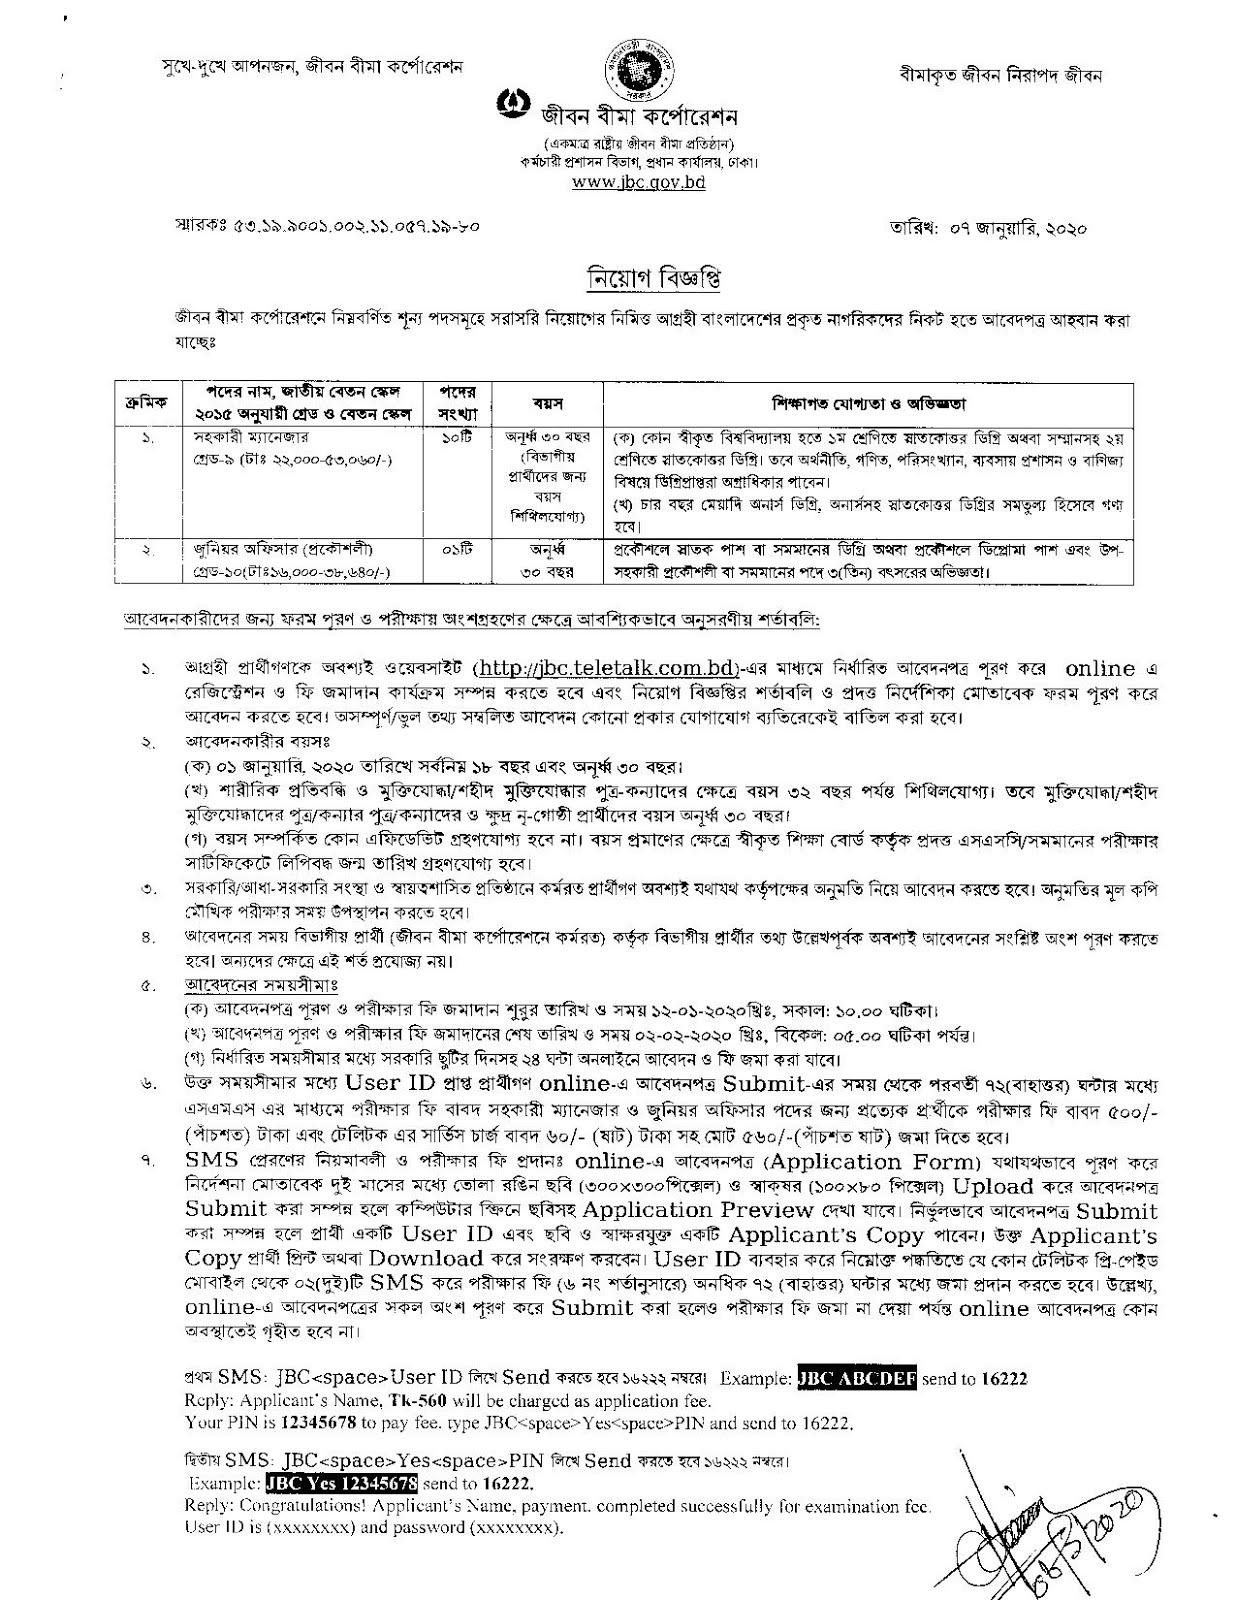 জীবন বীমা কর্পোরেশন নিয়োগ বিজ্ঞপ্তি ২০২০ / জীবন বীমা কর্পোরেশন নিয়োগ বিজ্ঞপ্তি 2020 / জীবন বীমা কর্পোরেশন নিয়োগ বিজ্ঞপ্তি